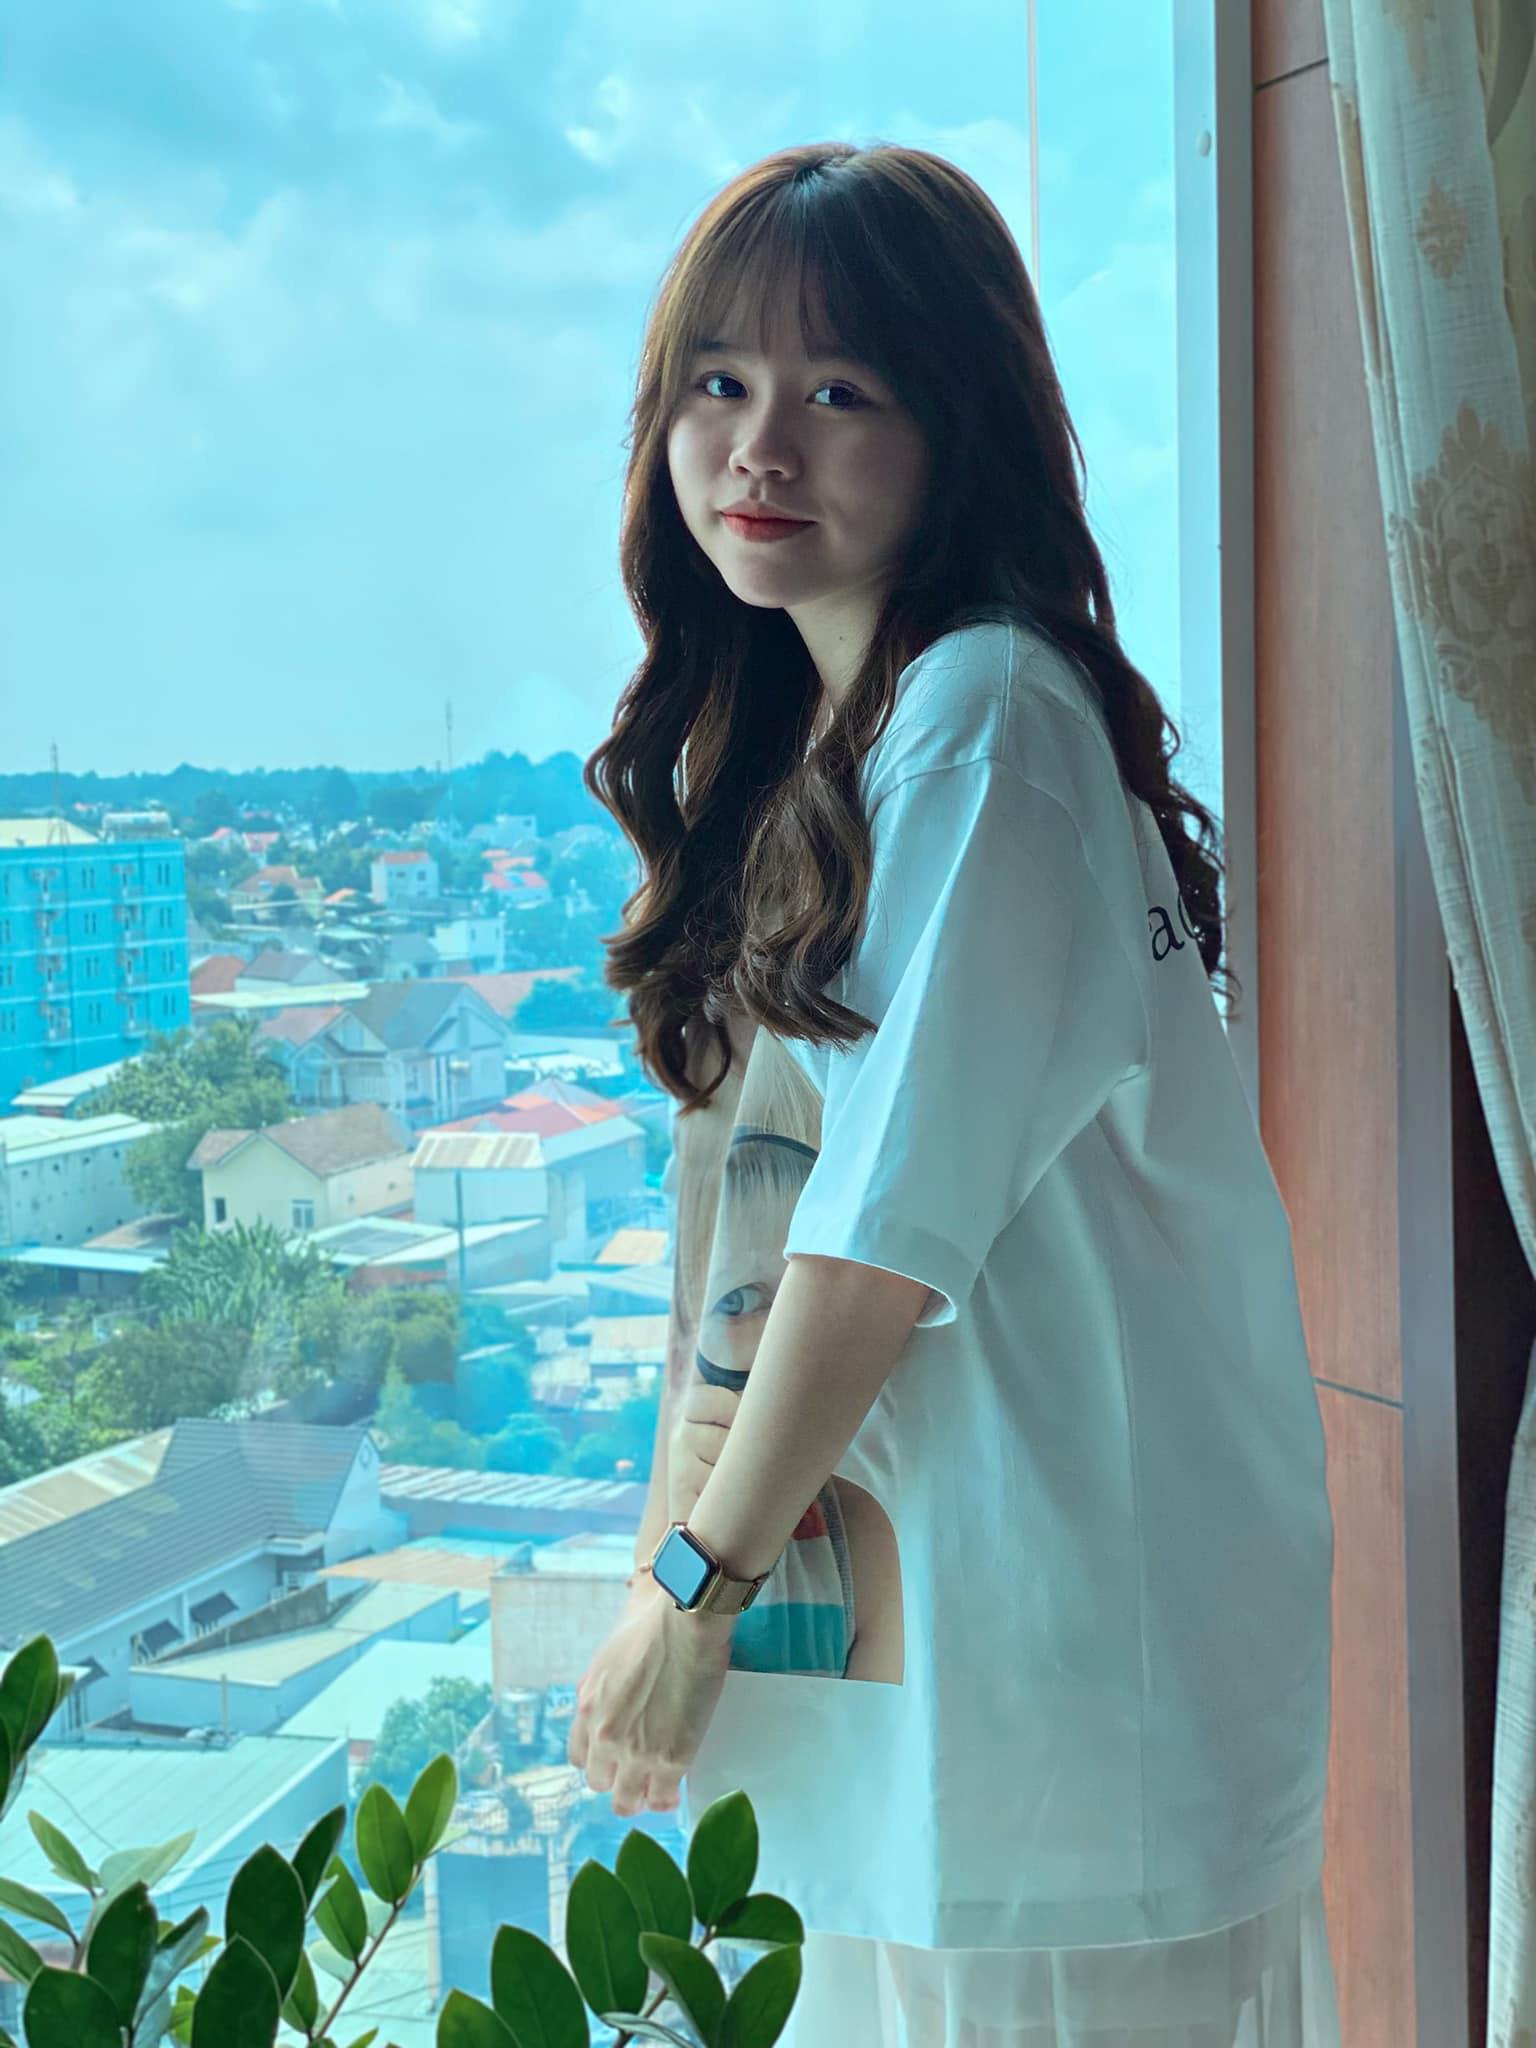 """Bạn gái Quang Hải gây """"sốt"""" vì ảnh xinh đẹp """"cầu cứu"""" dân mạng nào ngờ nhận cái kết """"cực đắng"""" - Ảnh 8."""